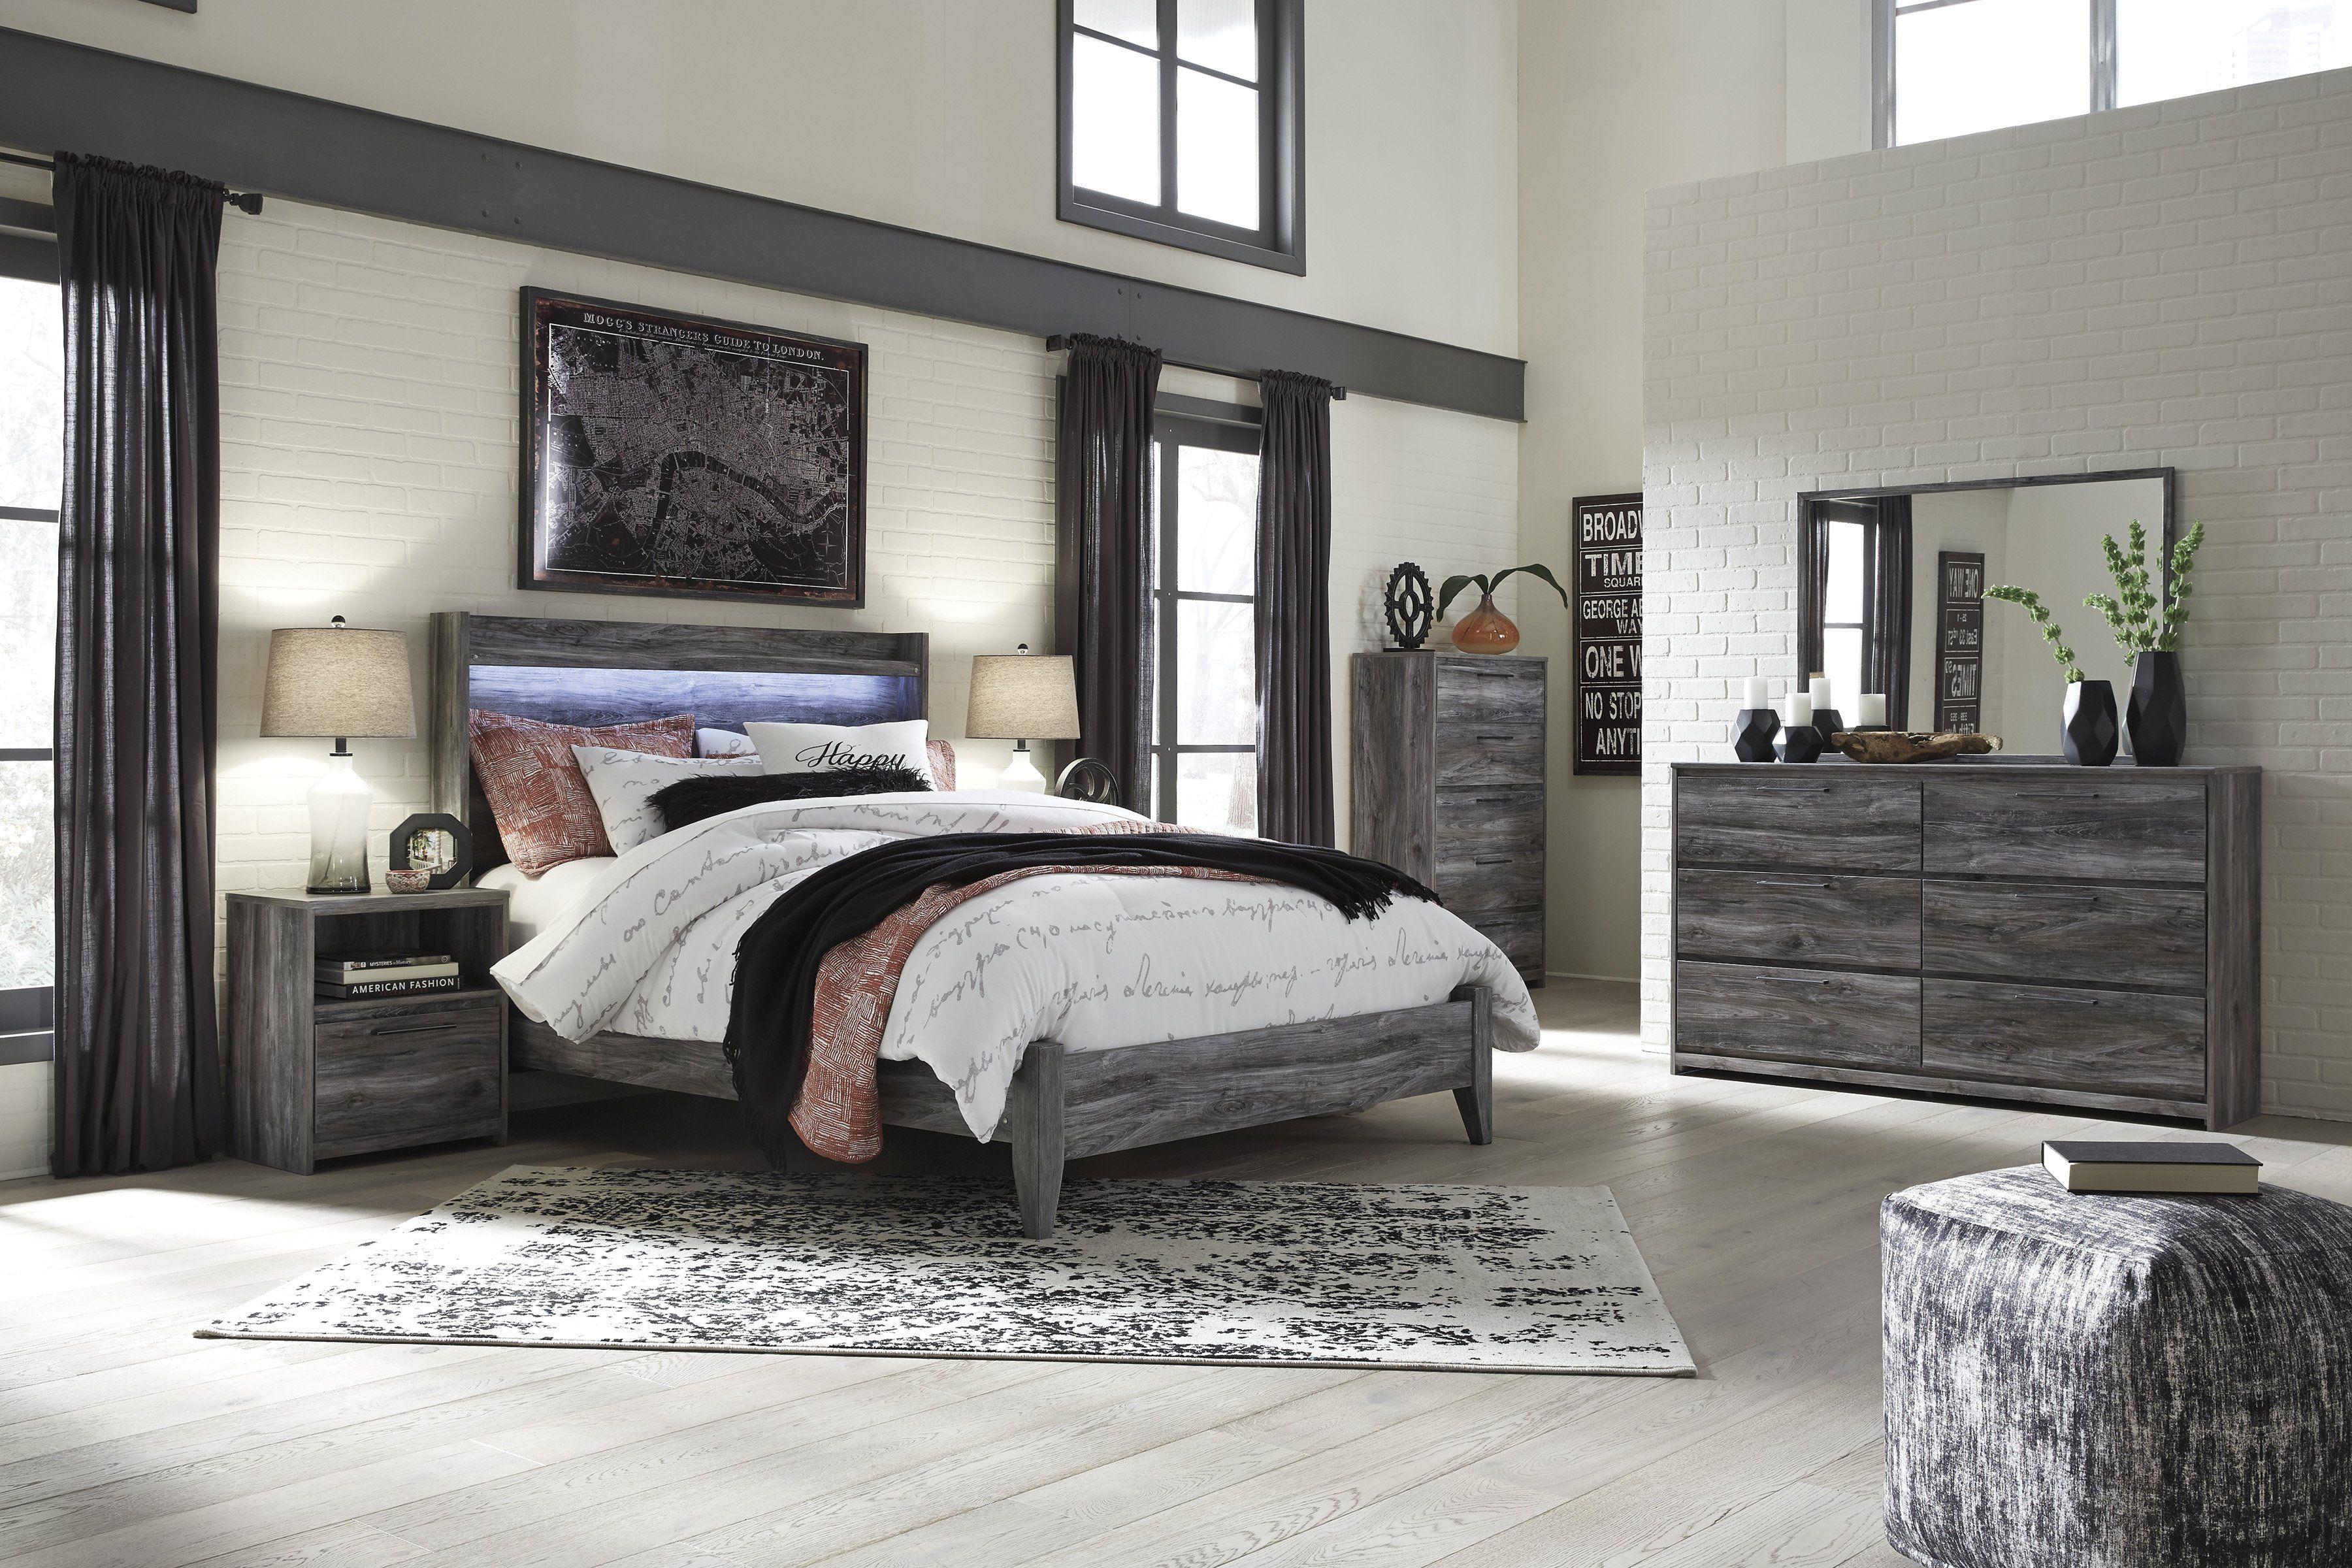 Baystorm Gray 4 Piece Queen Panel Bedroom Set With Metal Bed Frame